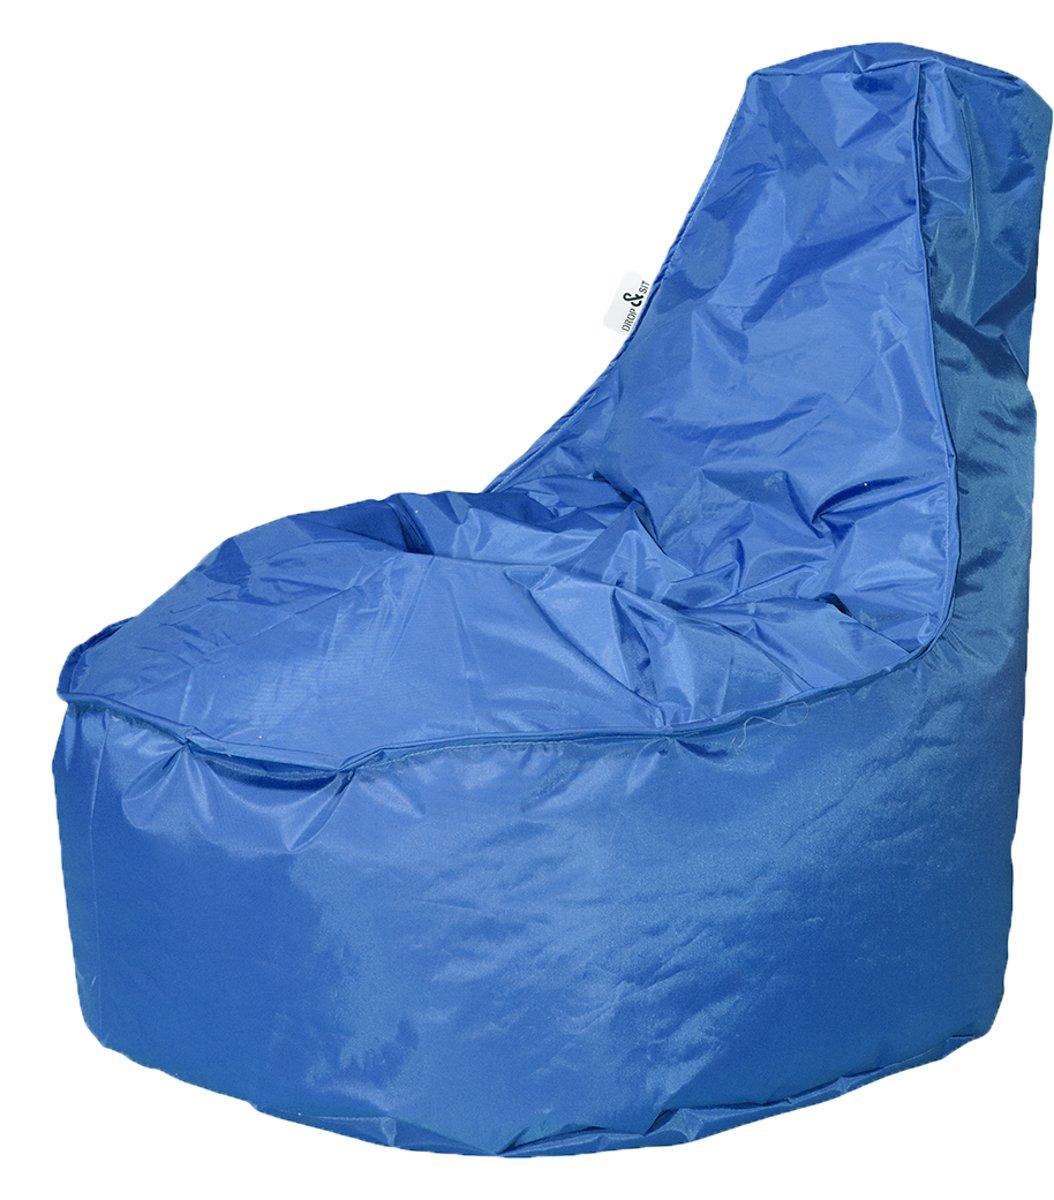 Drop & Sit zitzak Stoel Noa Large - Kobaltblauw - 320 liter kopen